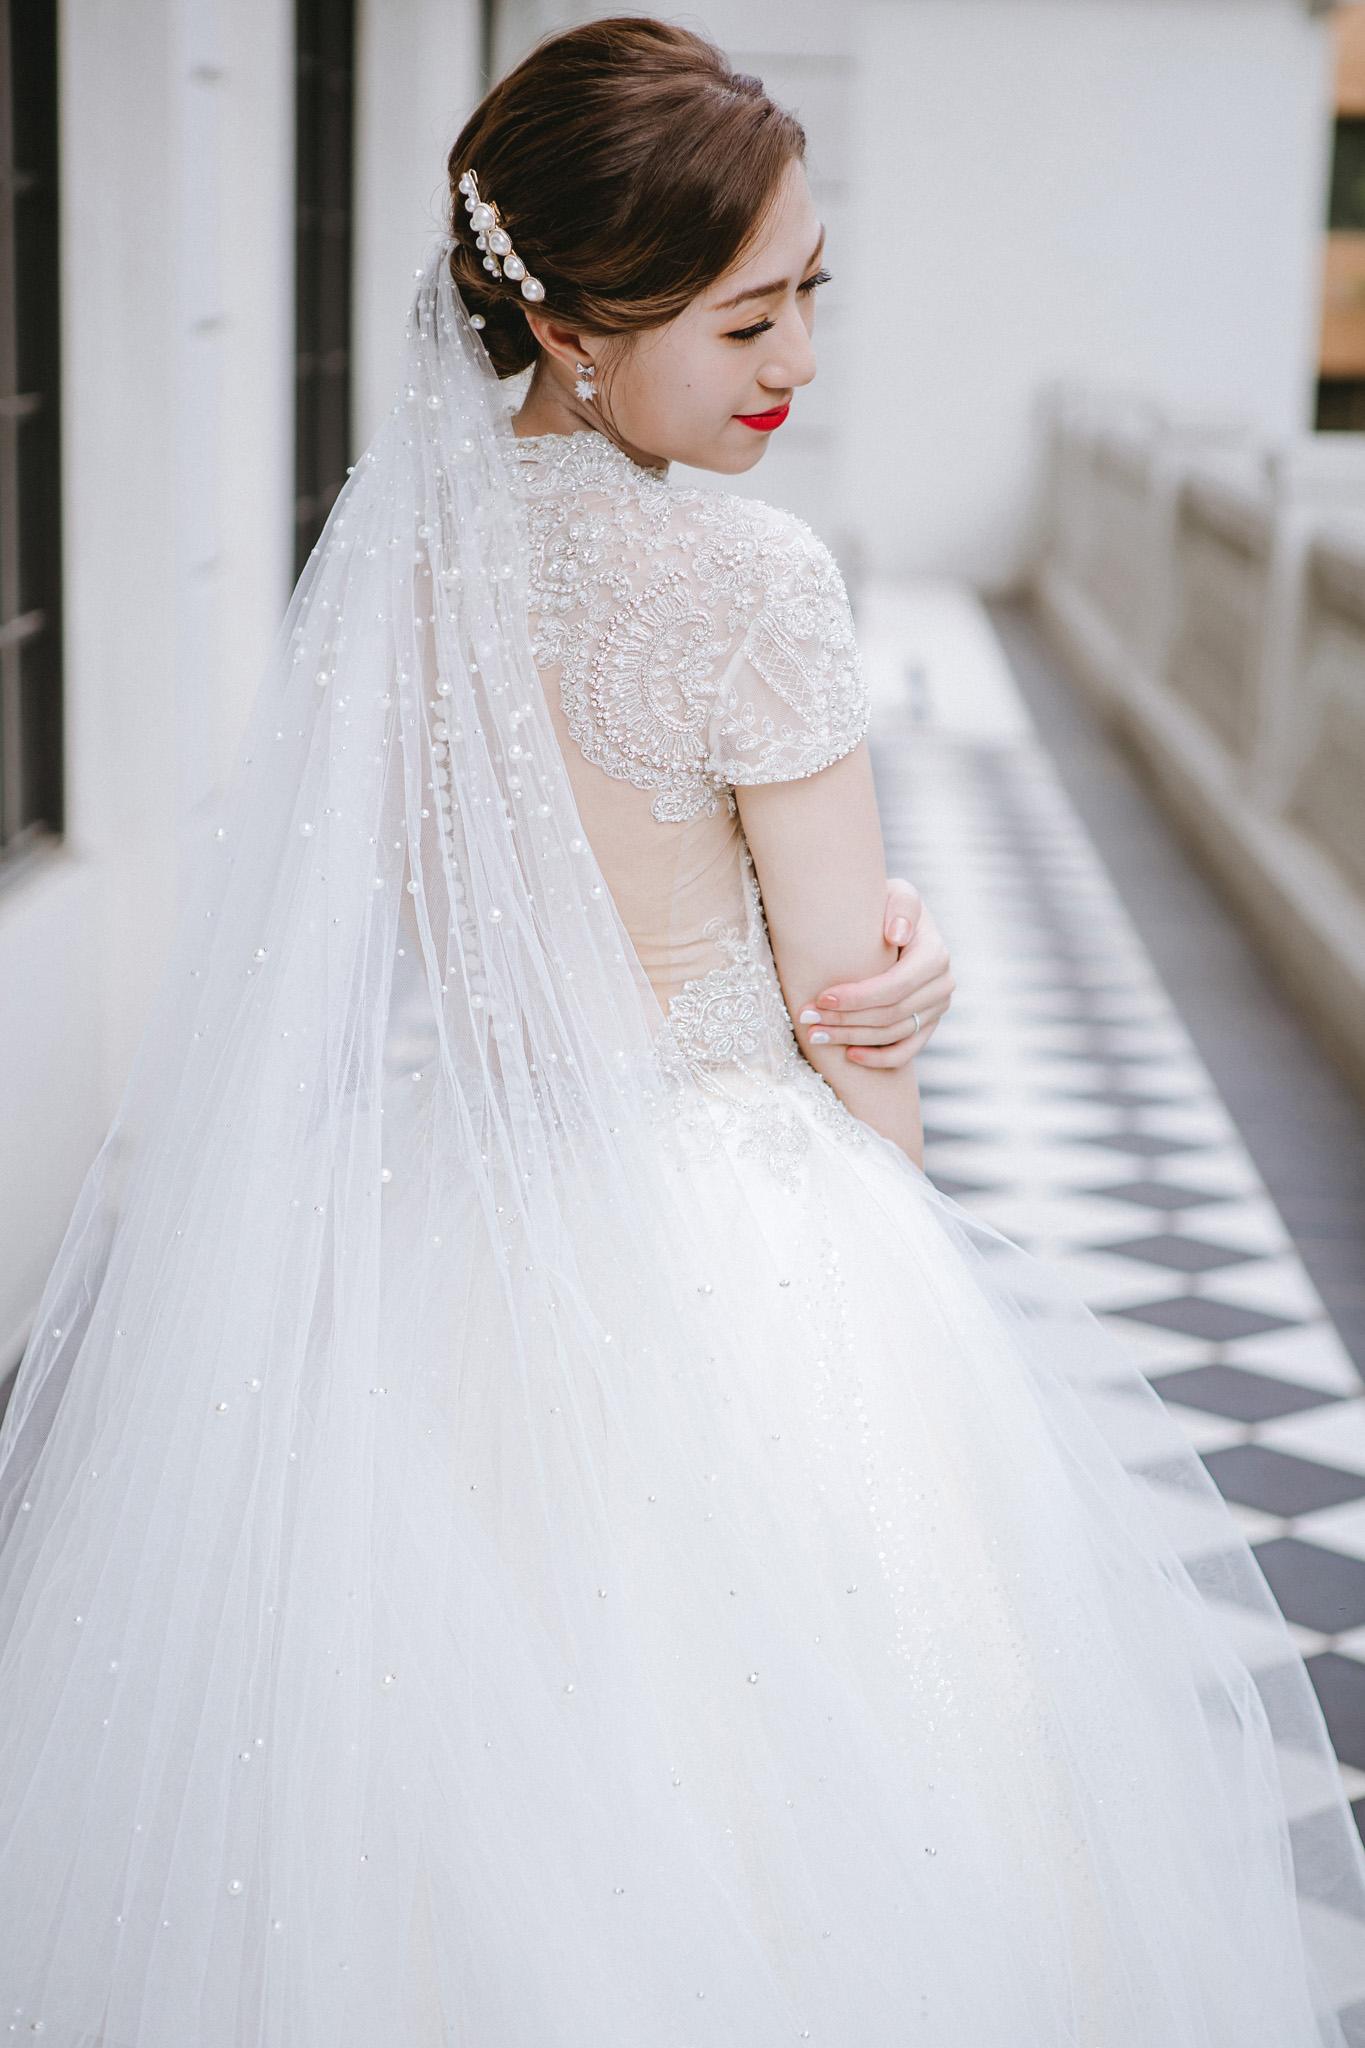 EW 台北婚攝 居米 翡麗詩 婚禮 婚宴-74